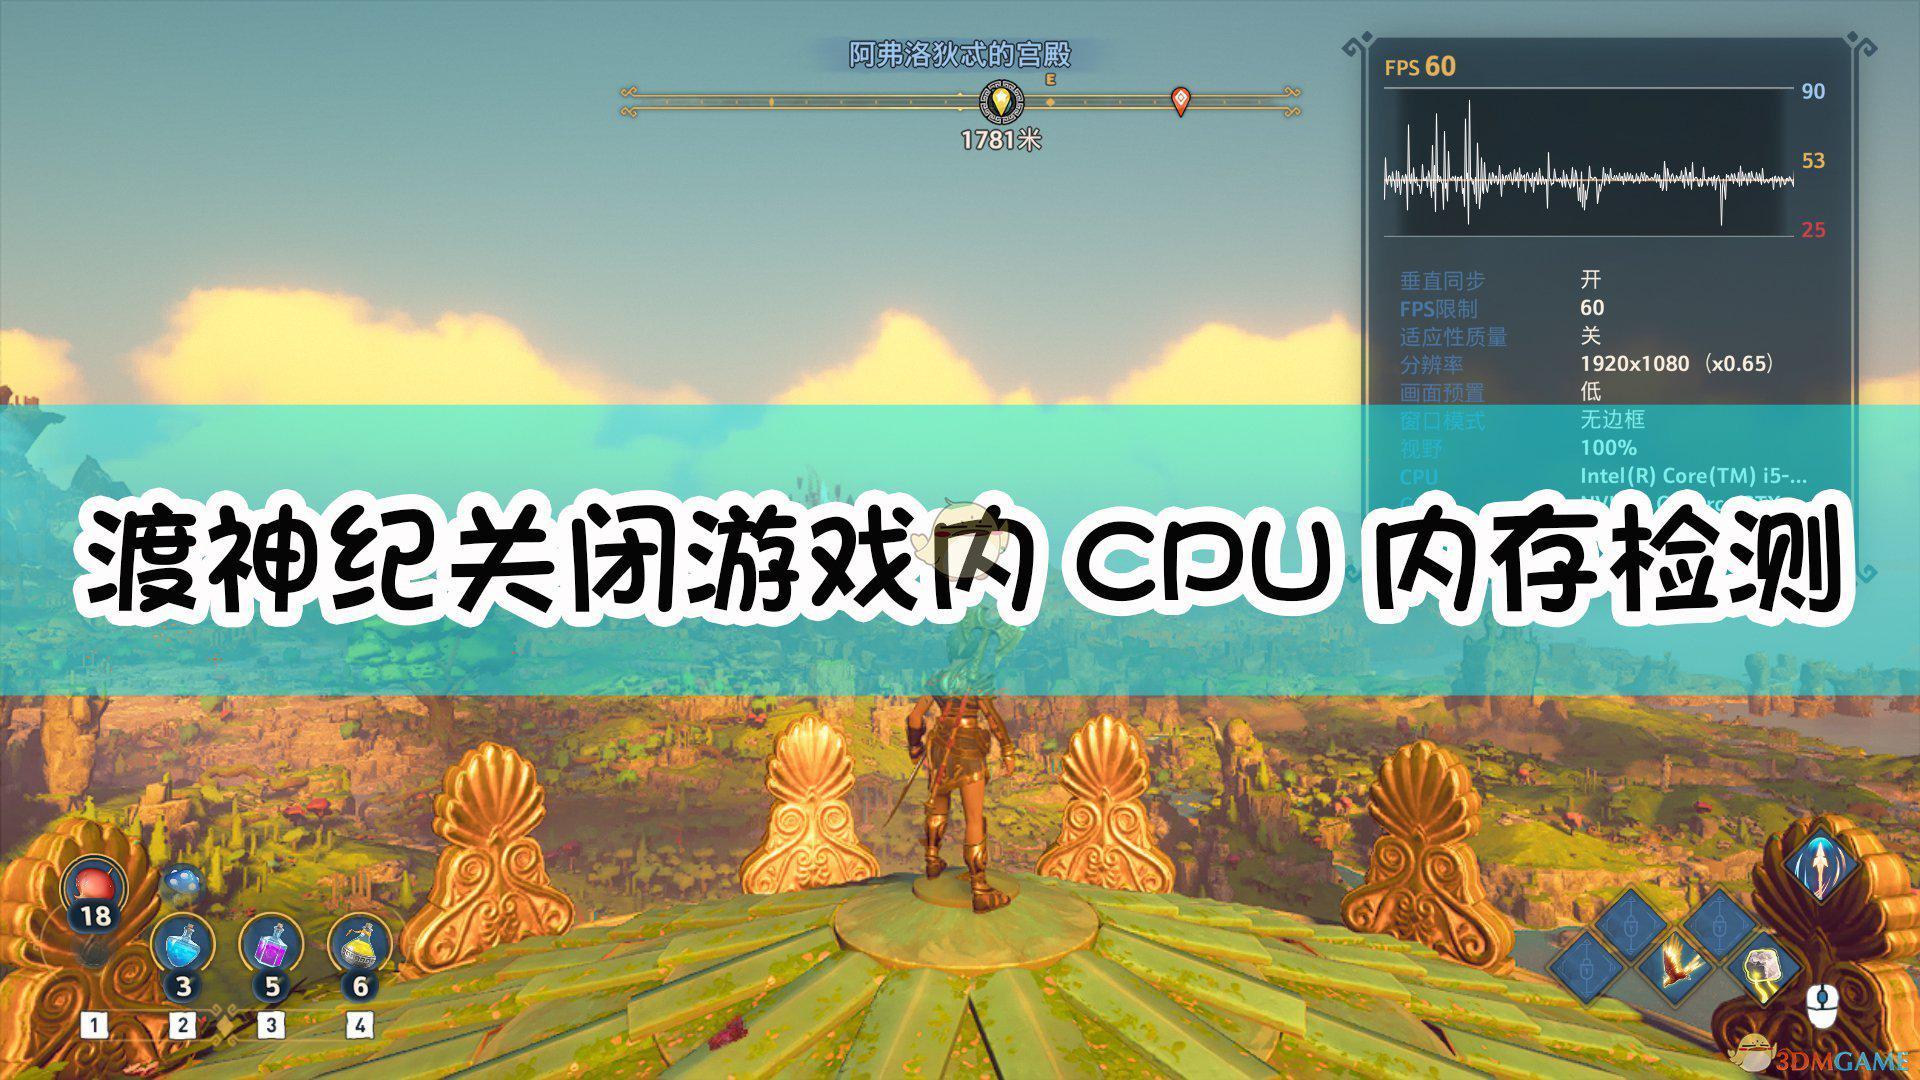 《渡神紀:芬尼斯崛起》關閉遊戲內CPU記憶體檢測方法介紹